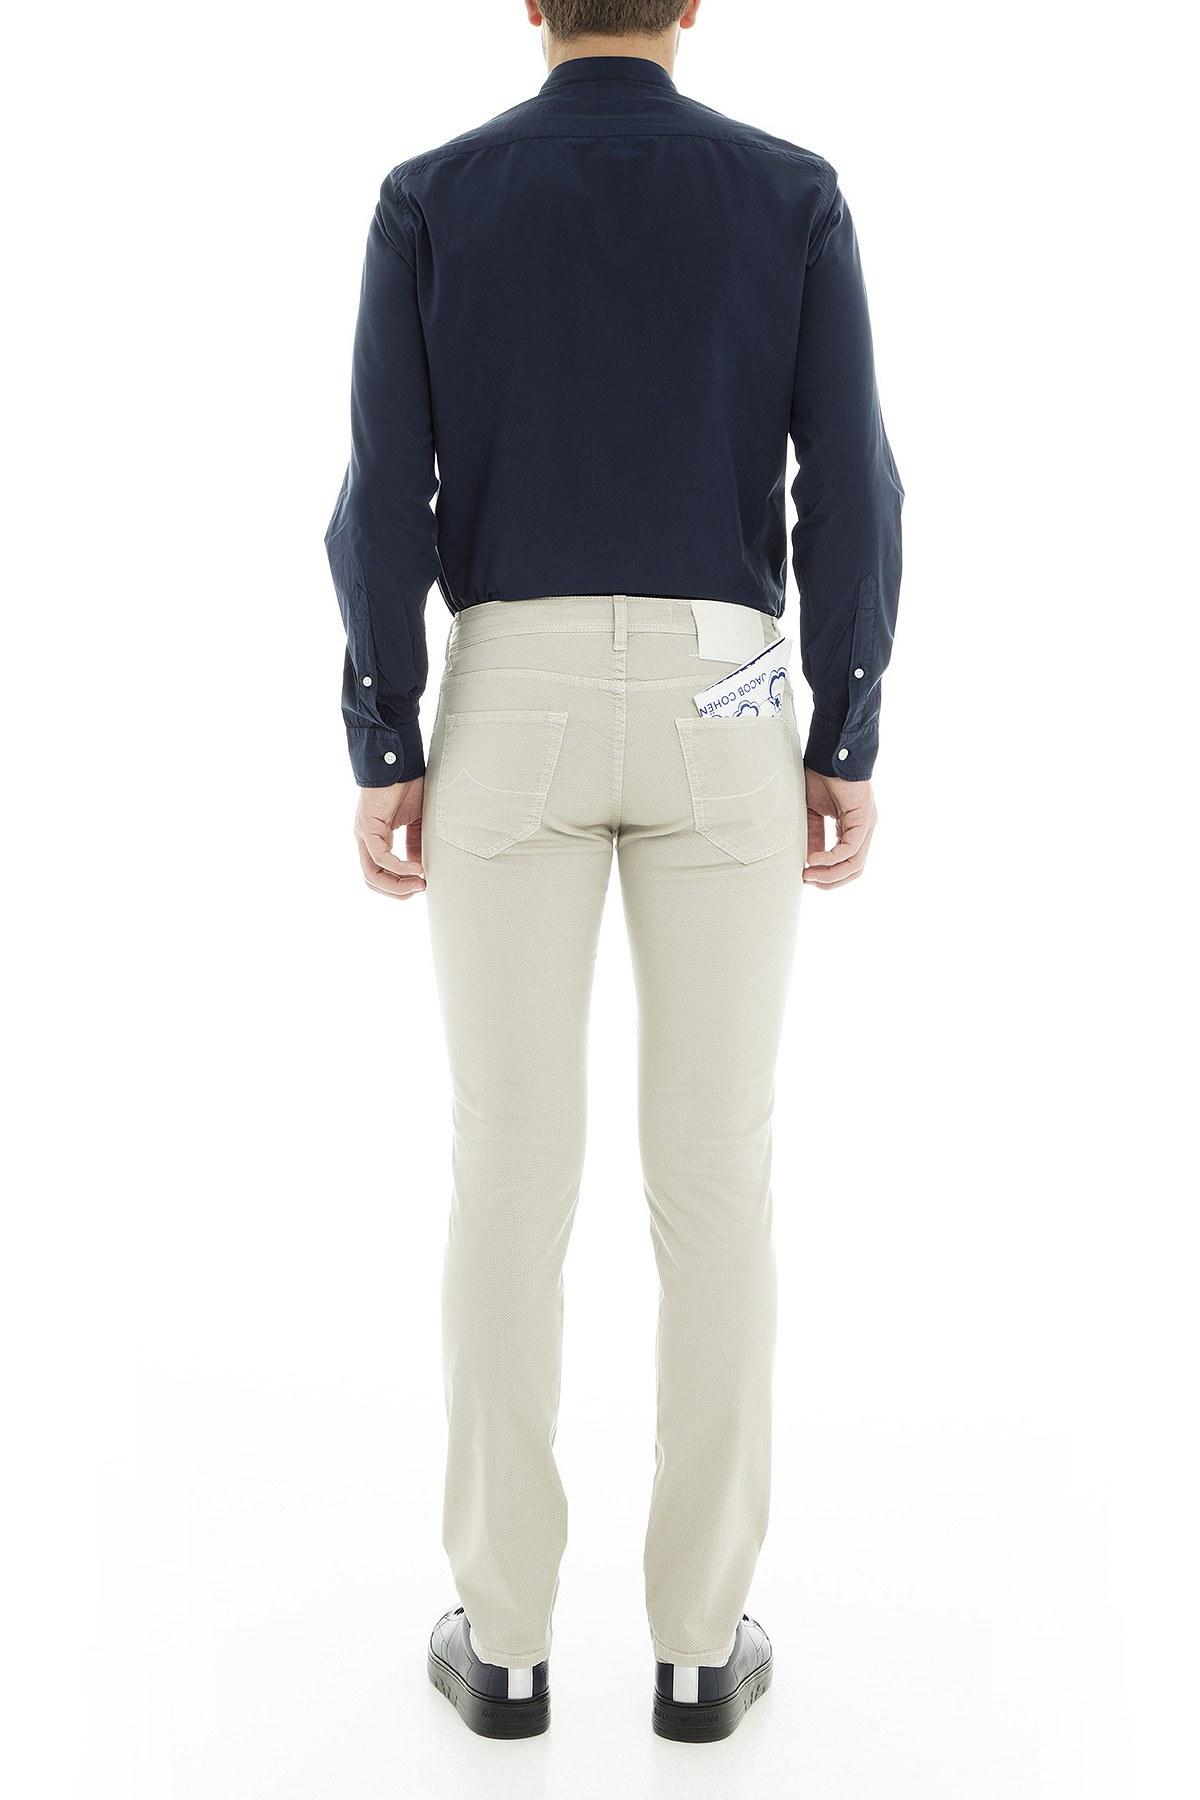 Jacob Cohen Jeans Erkek Pamuklu Pantolon J62201437S 104 GRİ